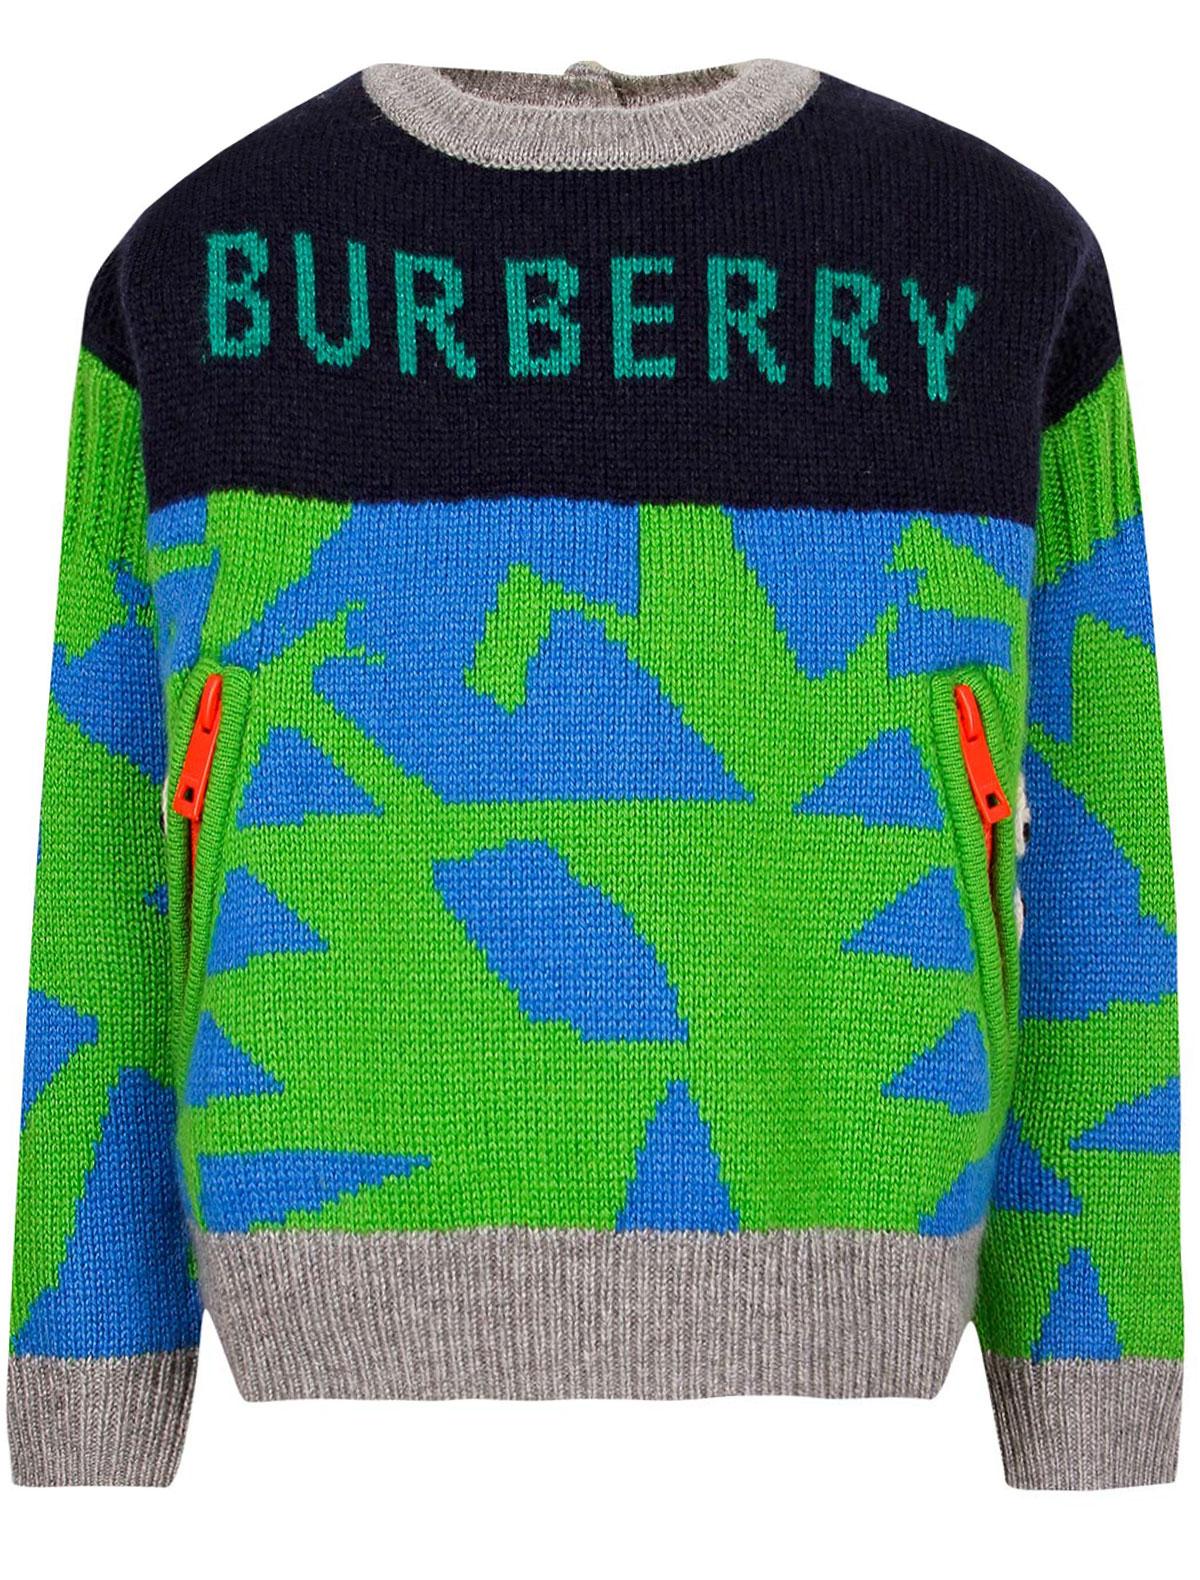 1894715, Джемпер Burberry, синий, Мужской, 1262519880521  - купить со скидкой